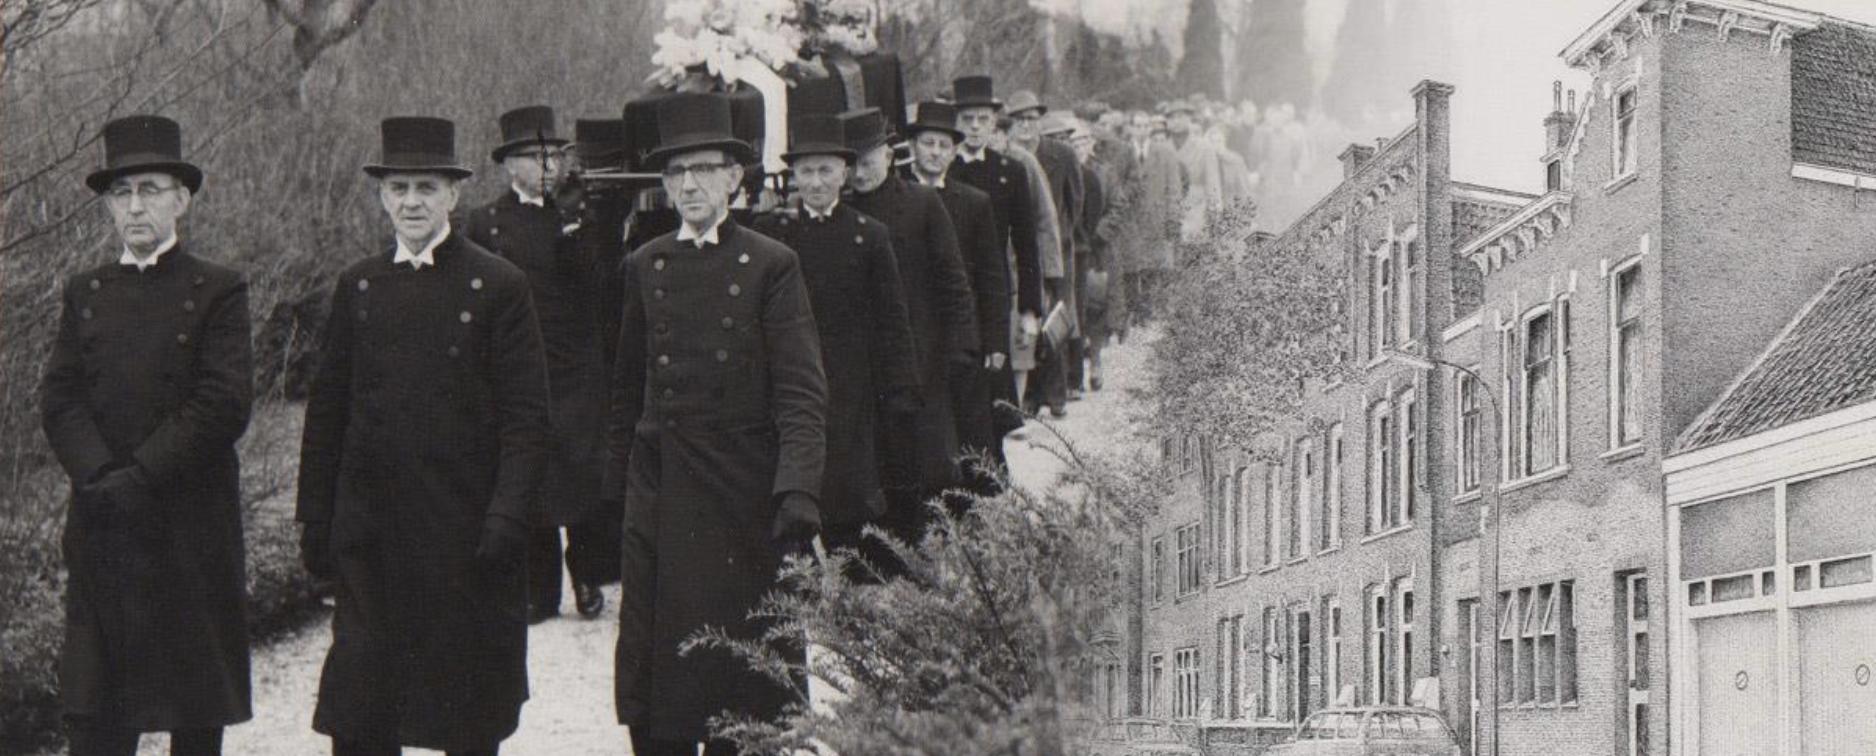 Geschiedenis D&O uitvaartverzorging Dordrecht